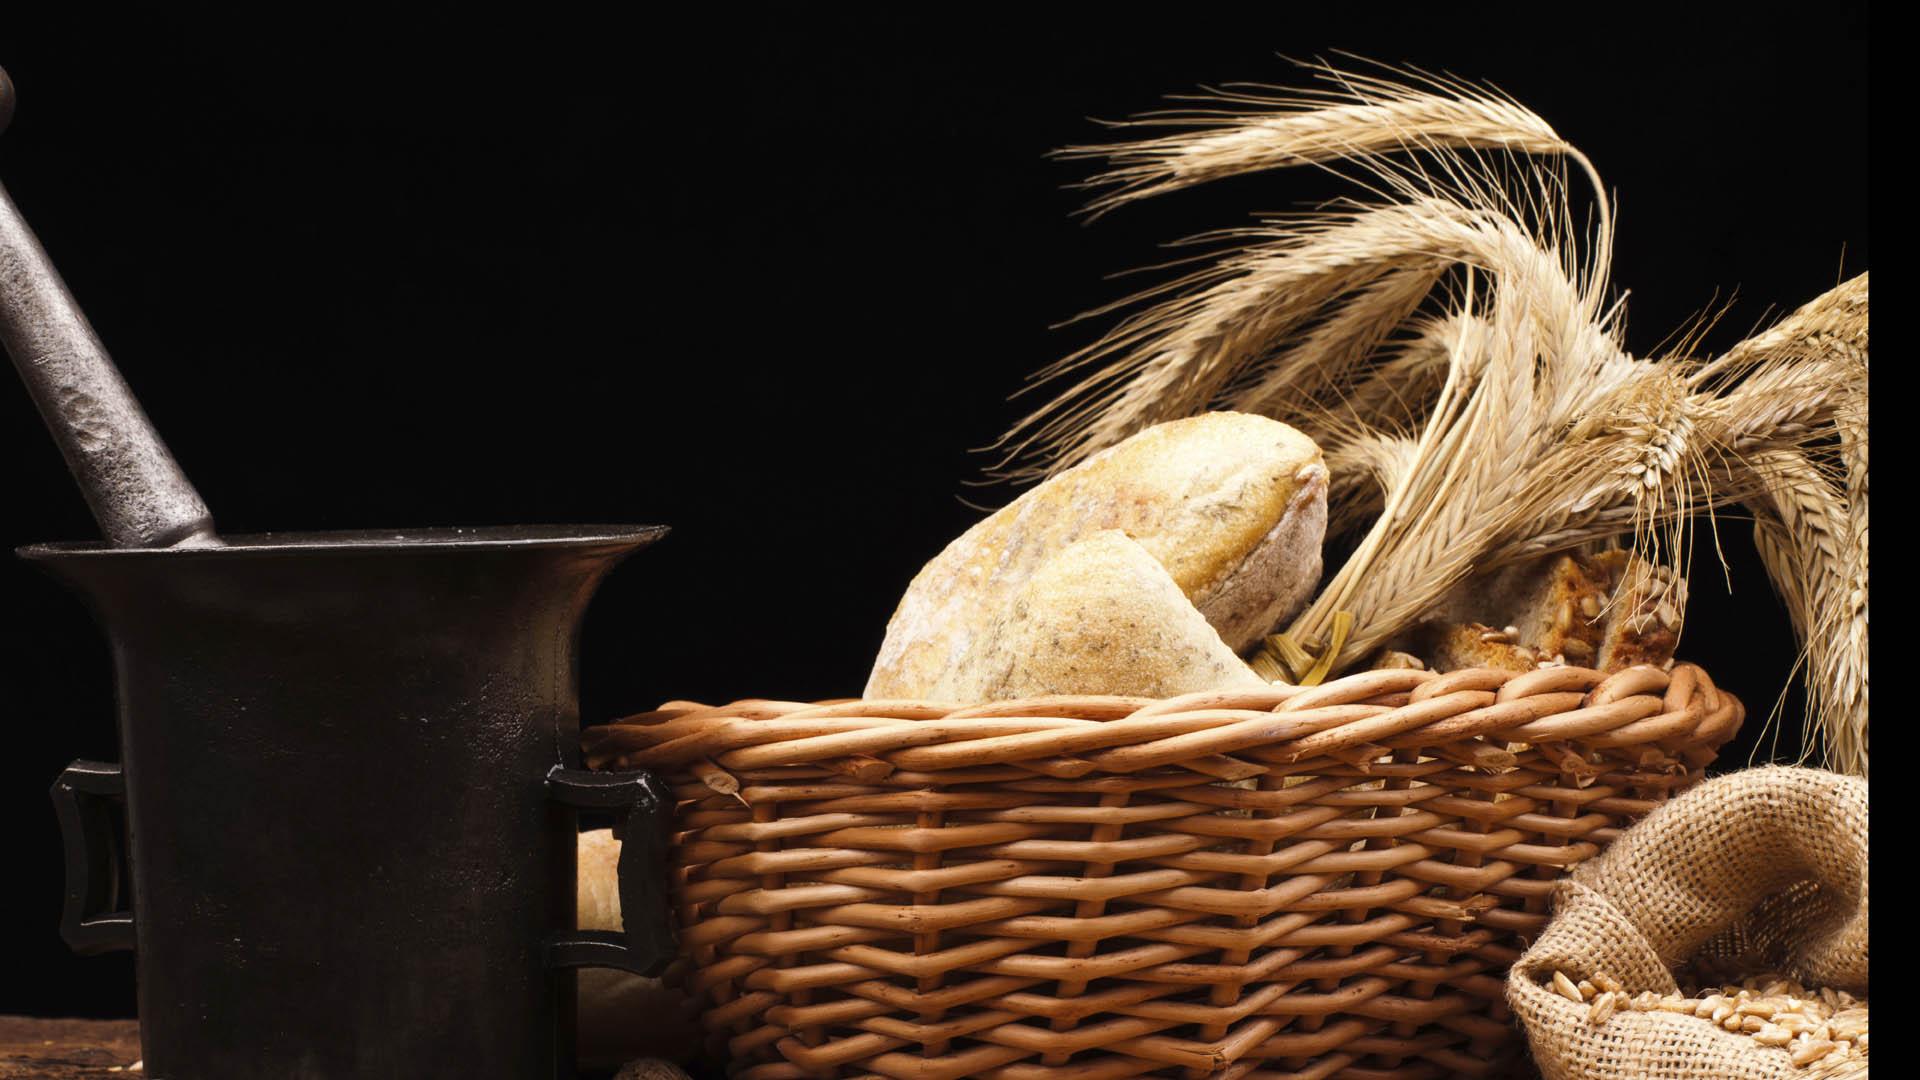 Especialistas aseguran que las personas que no son alérgicas al trigo no deben dejar de consumir estos alimentos solo por moda